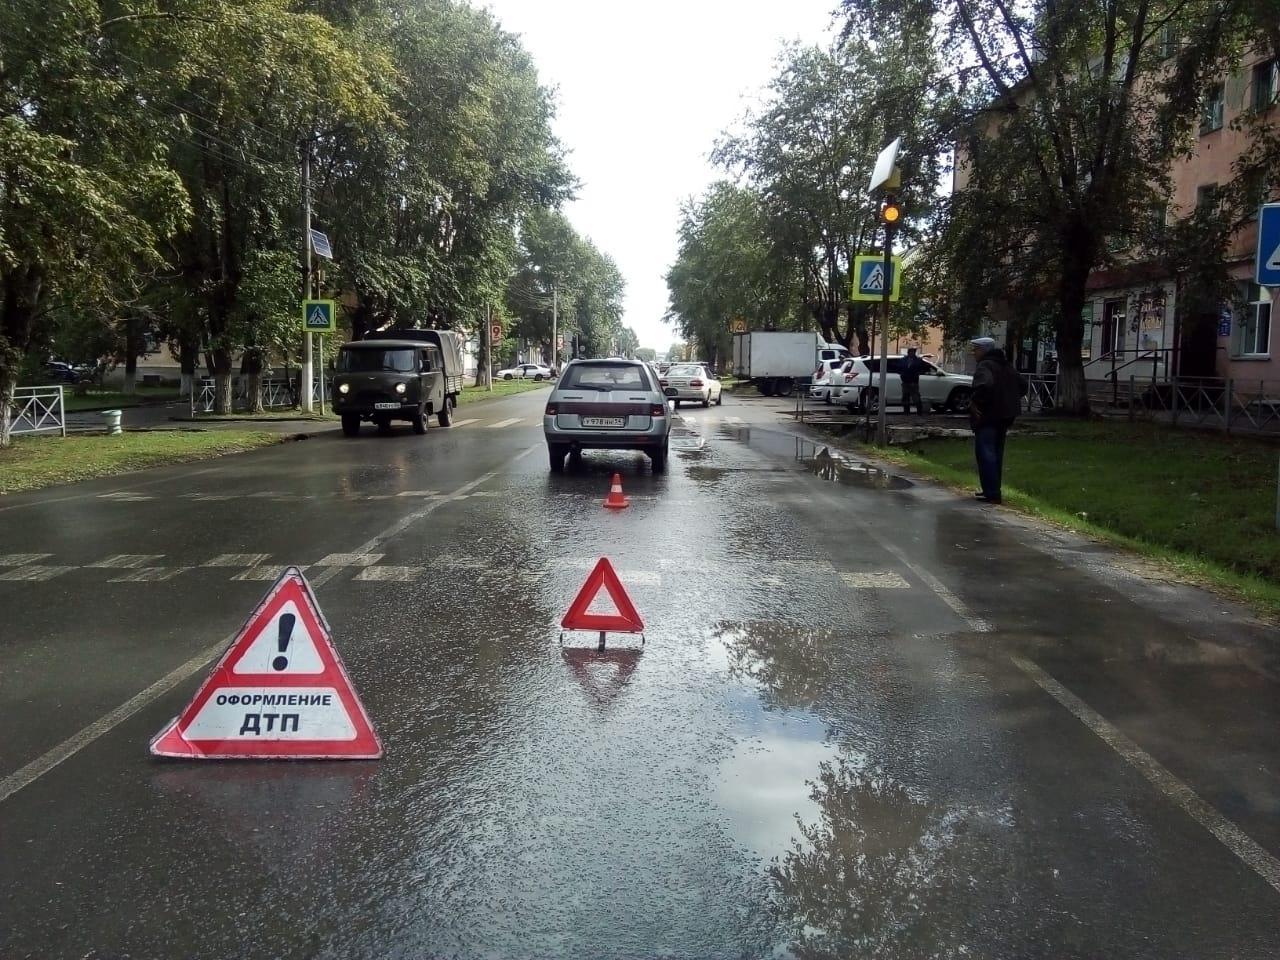 9 ДТП произошло в Куйбышевском районе с 11 по 17 августа, ?